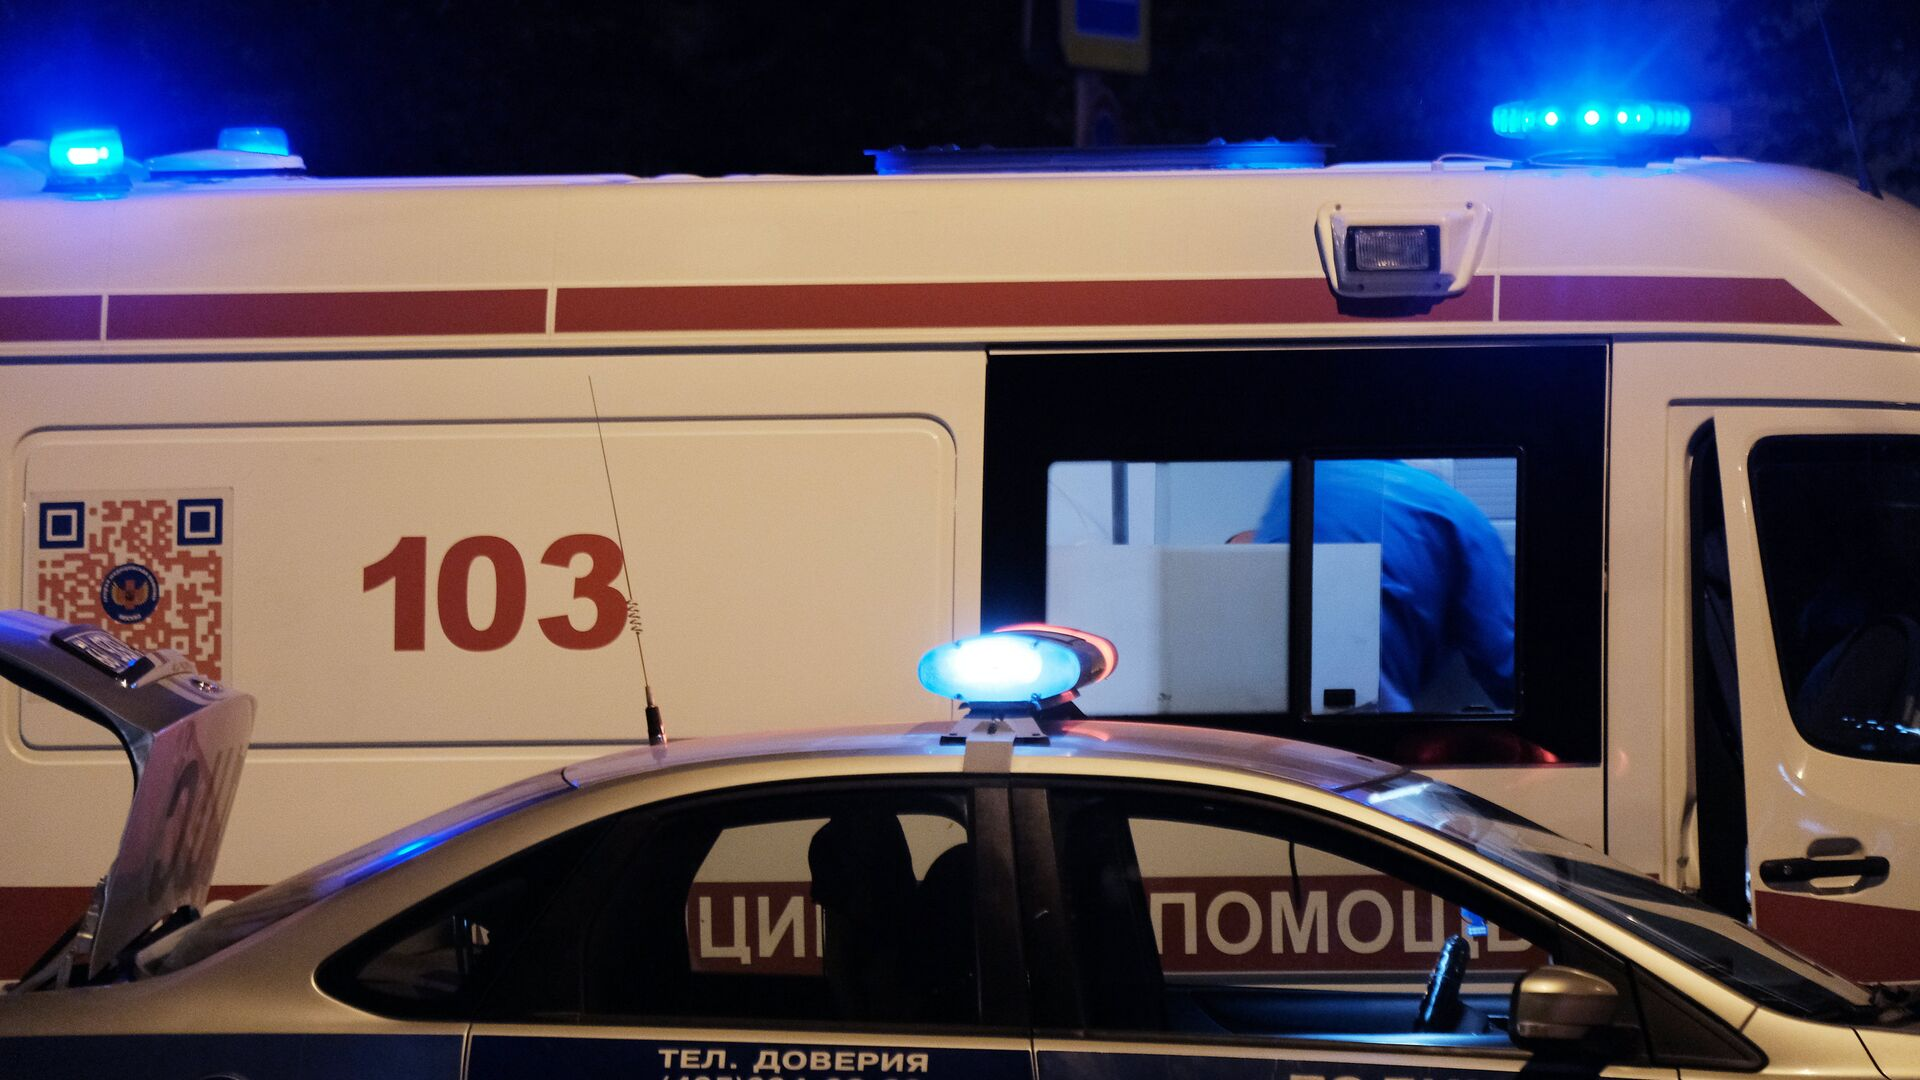 Автомобили полиции и скорой медицинской помощи на улице Москвы - РИА Новости, 1920, 14.01.2021